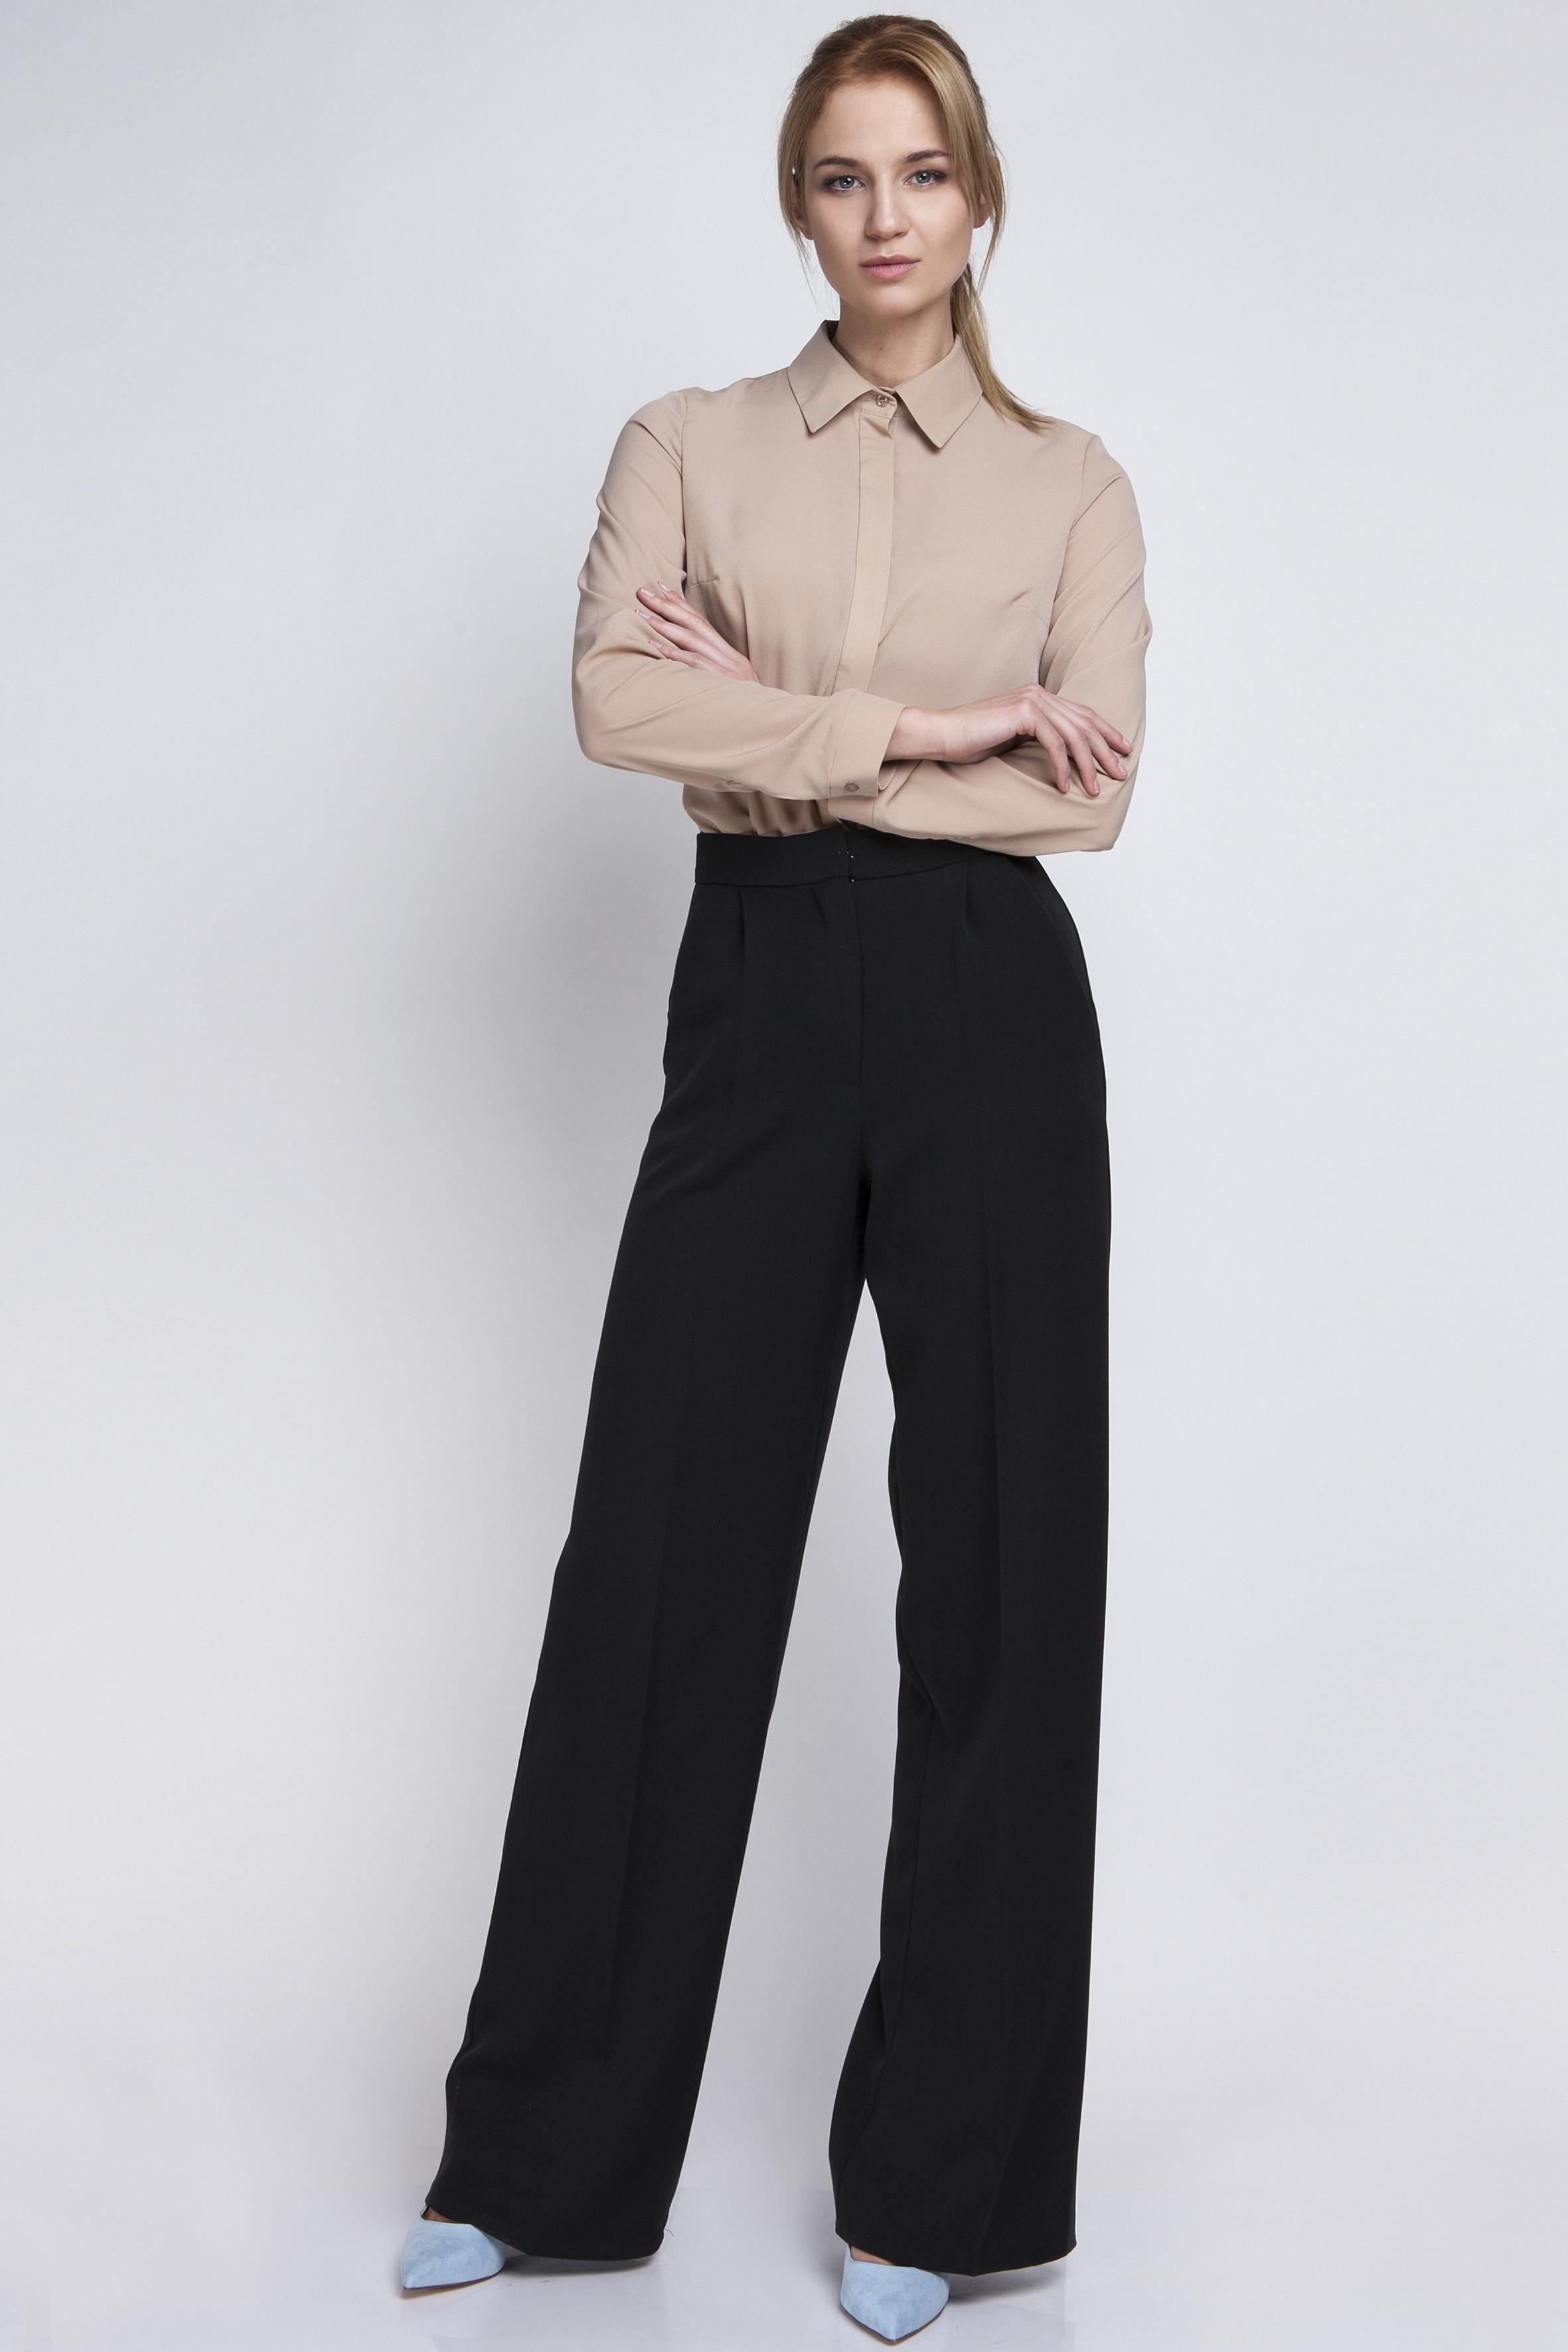 281538c2f0f18f Klasyczne spodnie z wysokim stanem, SD111 czarny. Spodnie, SD111 czarny.  Loading zoom